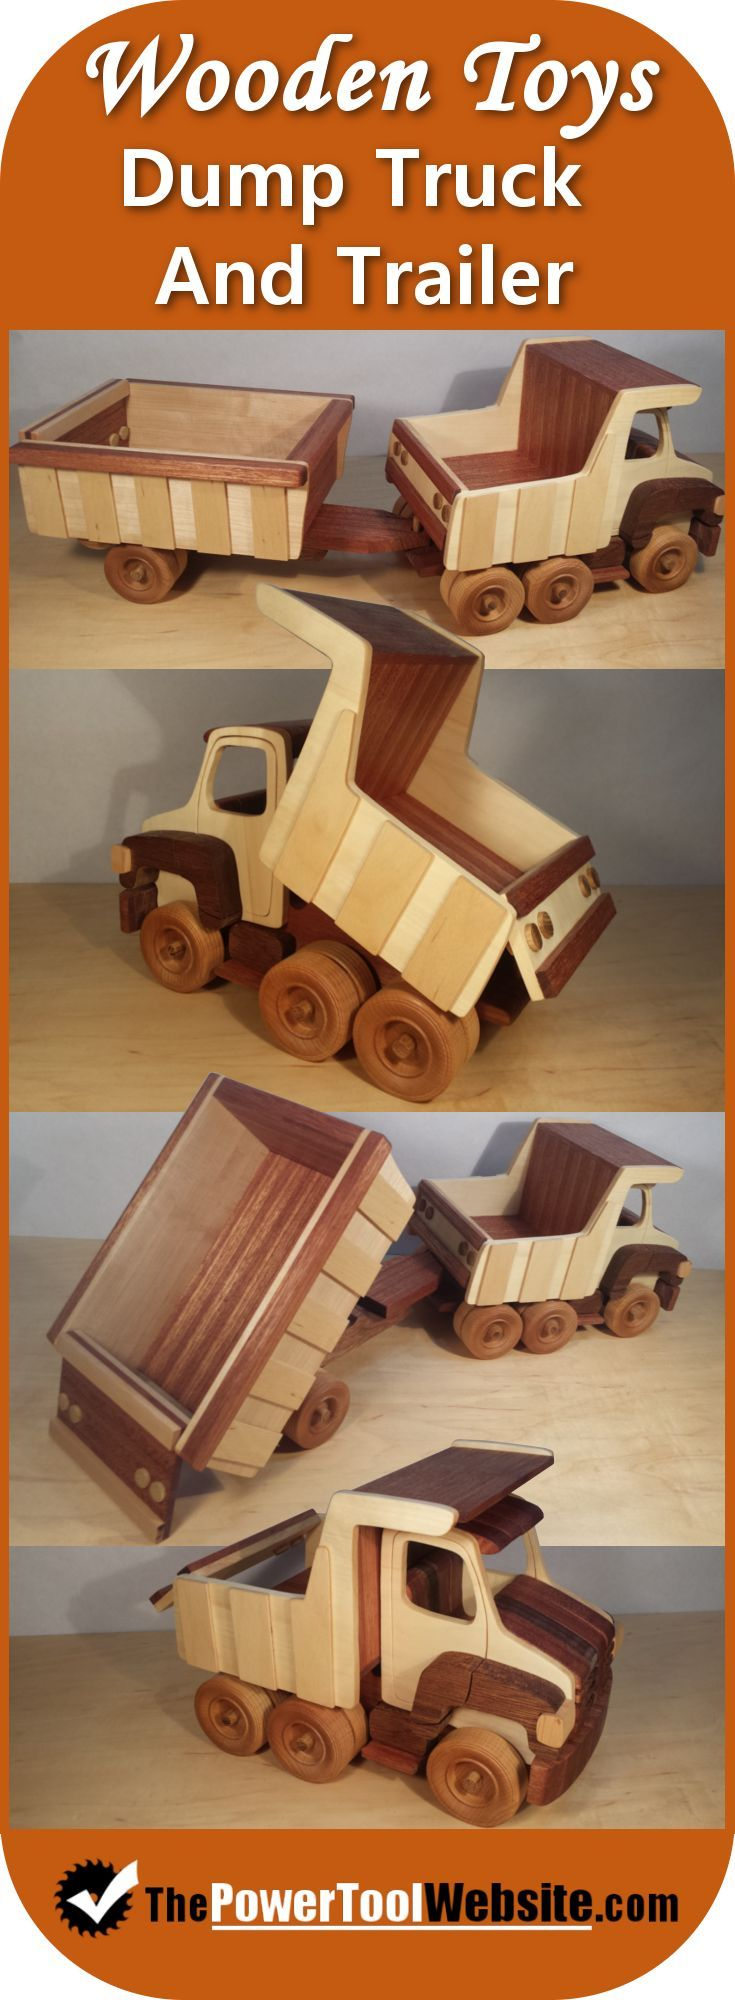 home | wooden toy trucks | wooden toy trucks, wooden toys